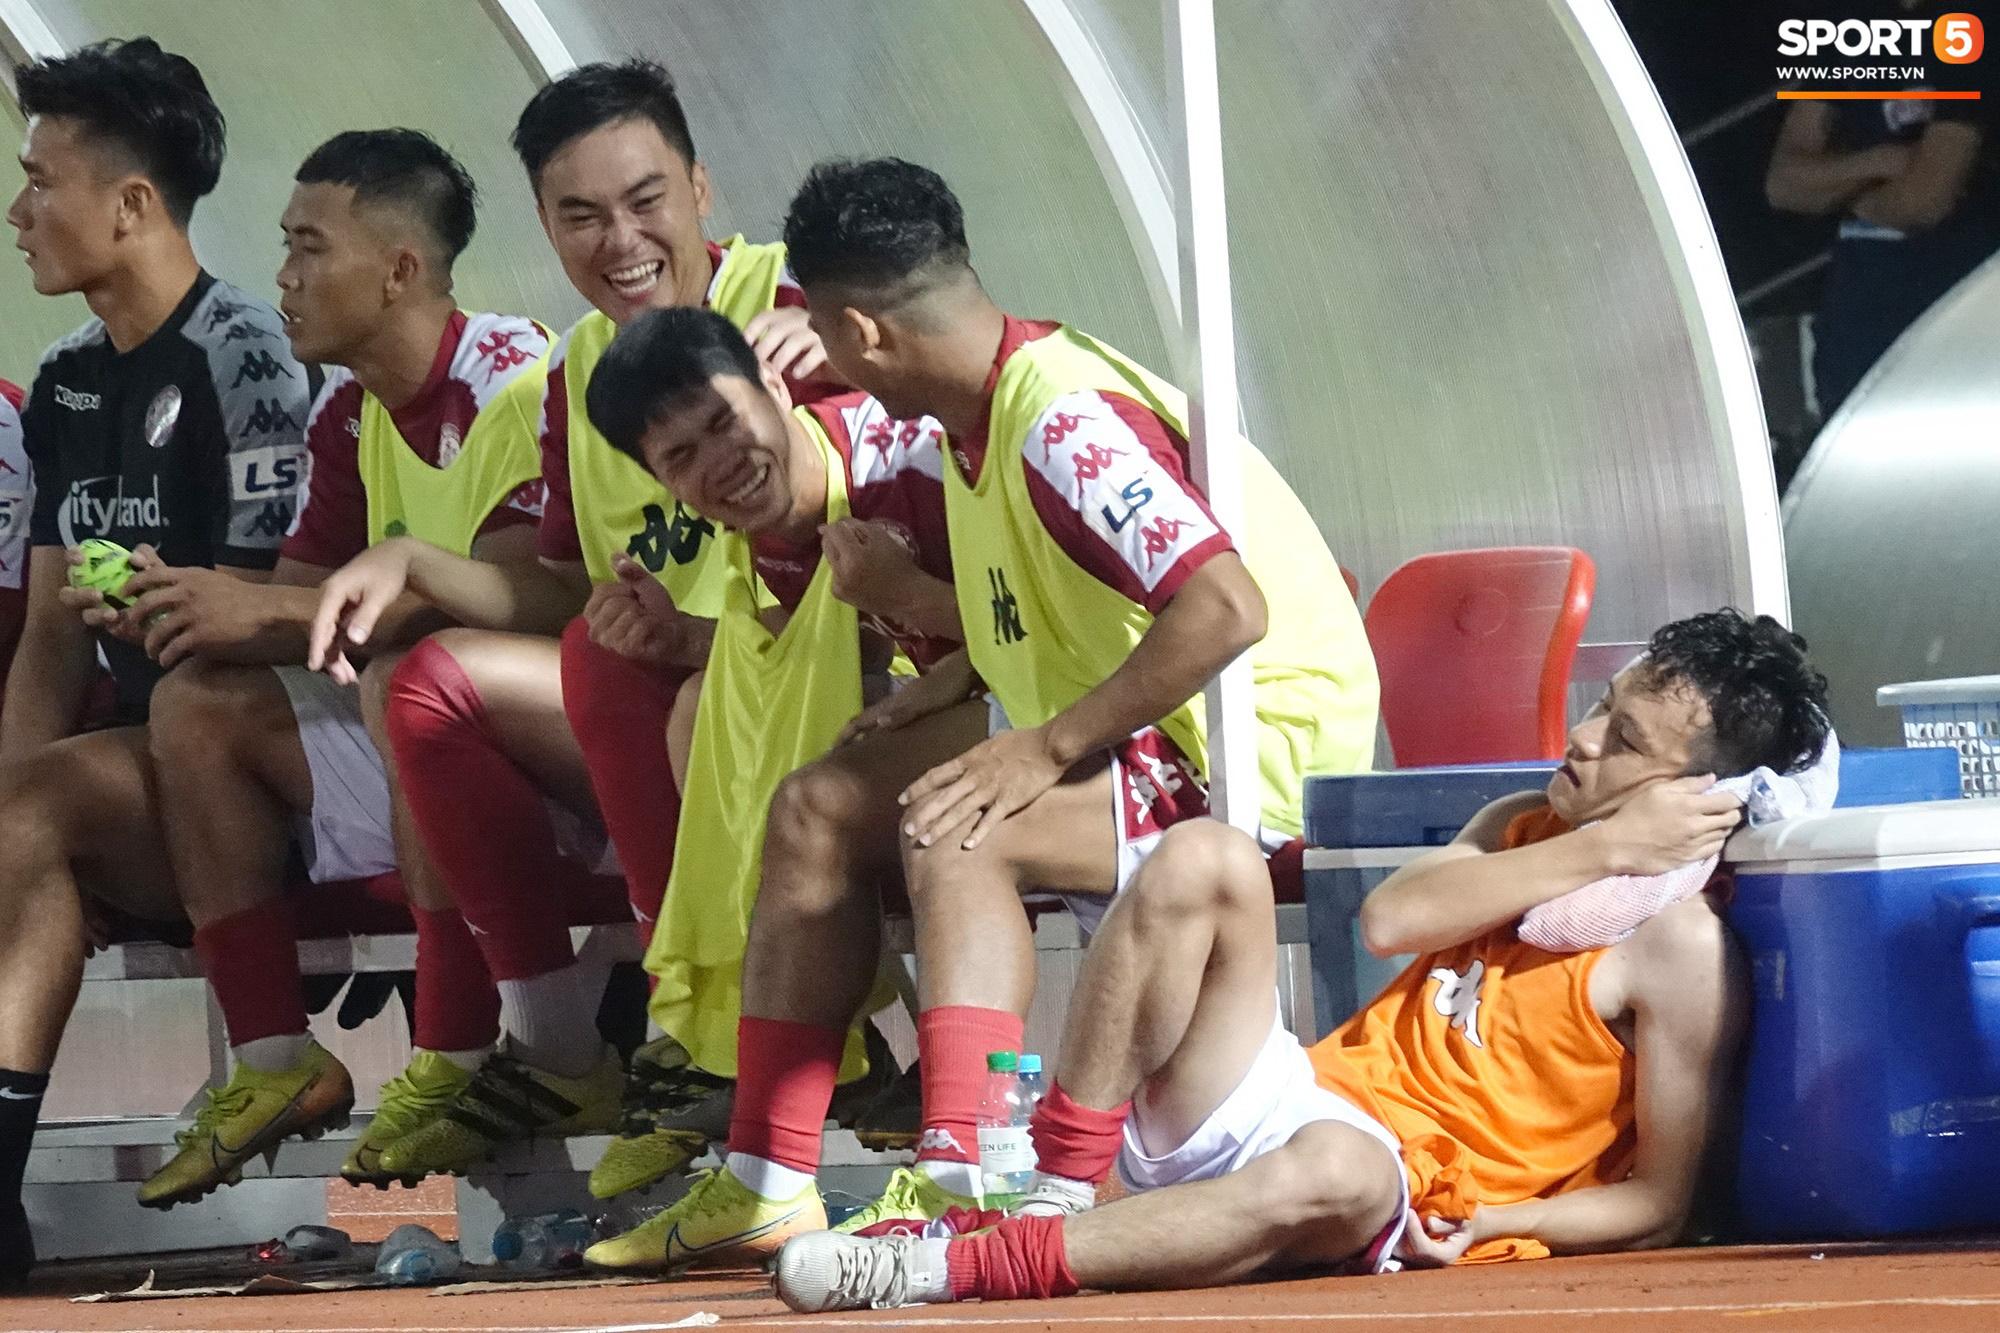 Thót tim với tình huống cựu tuyển thủ U23 Việt Nam nằm gục xuống sân ngay khi được thay ra - Ảnh 4.